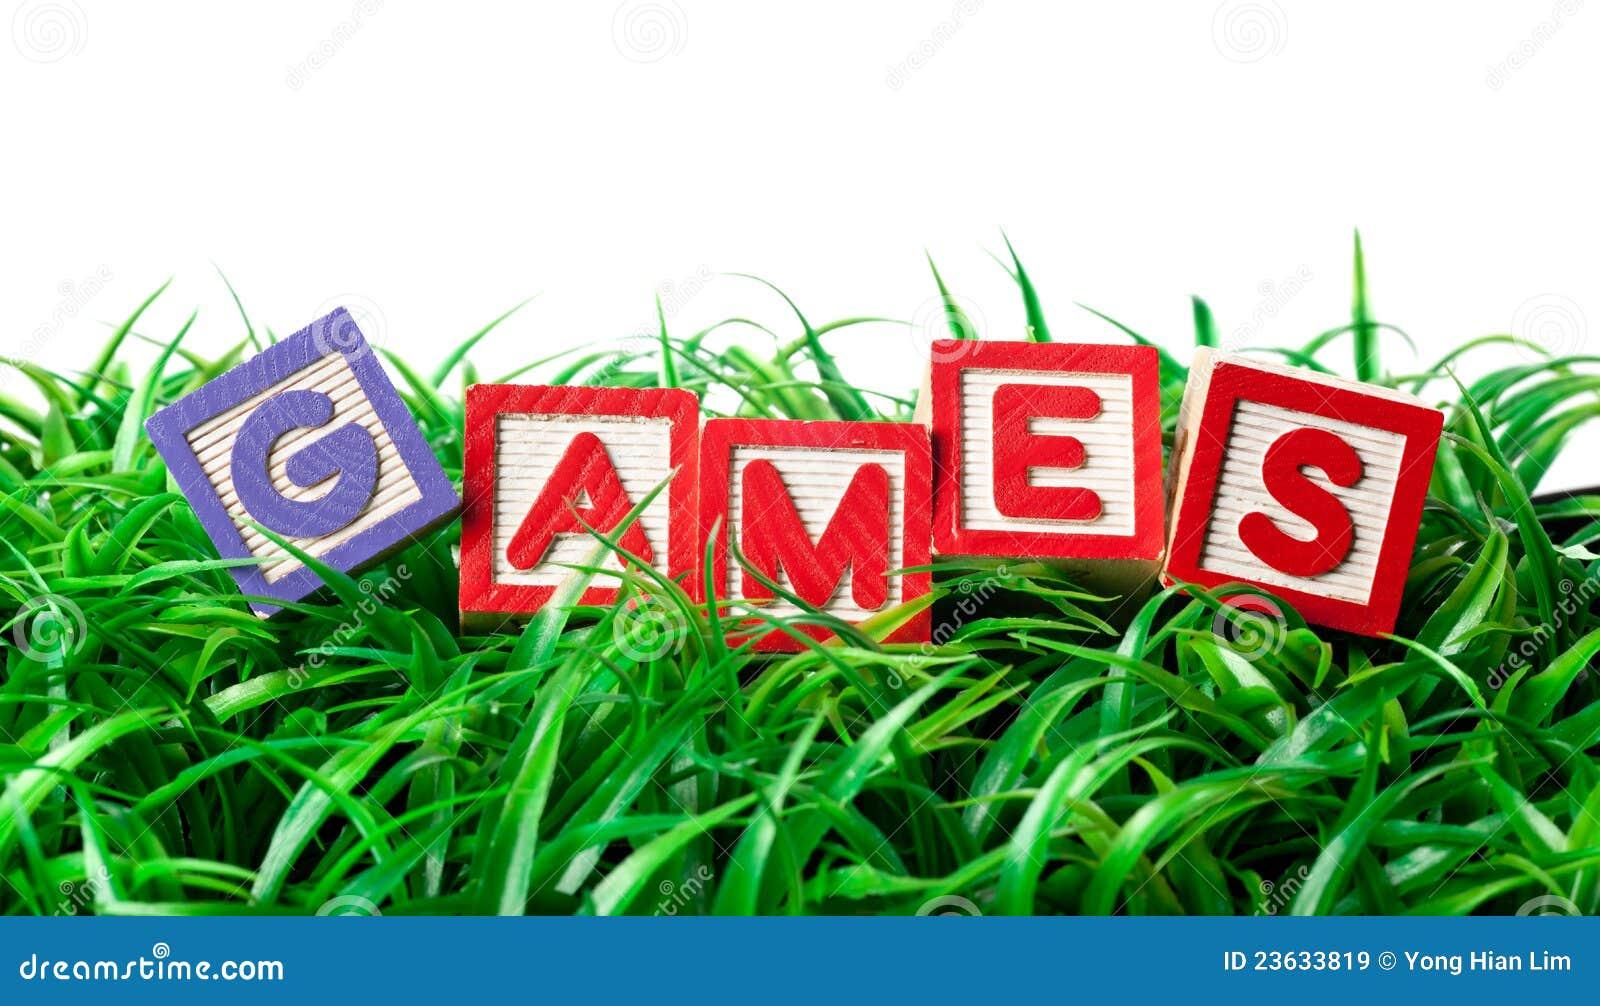 Outdoor games 23633819